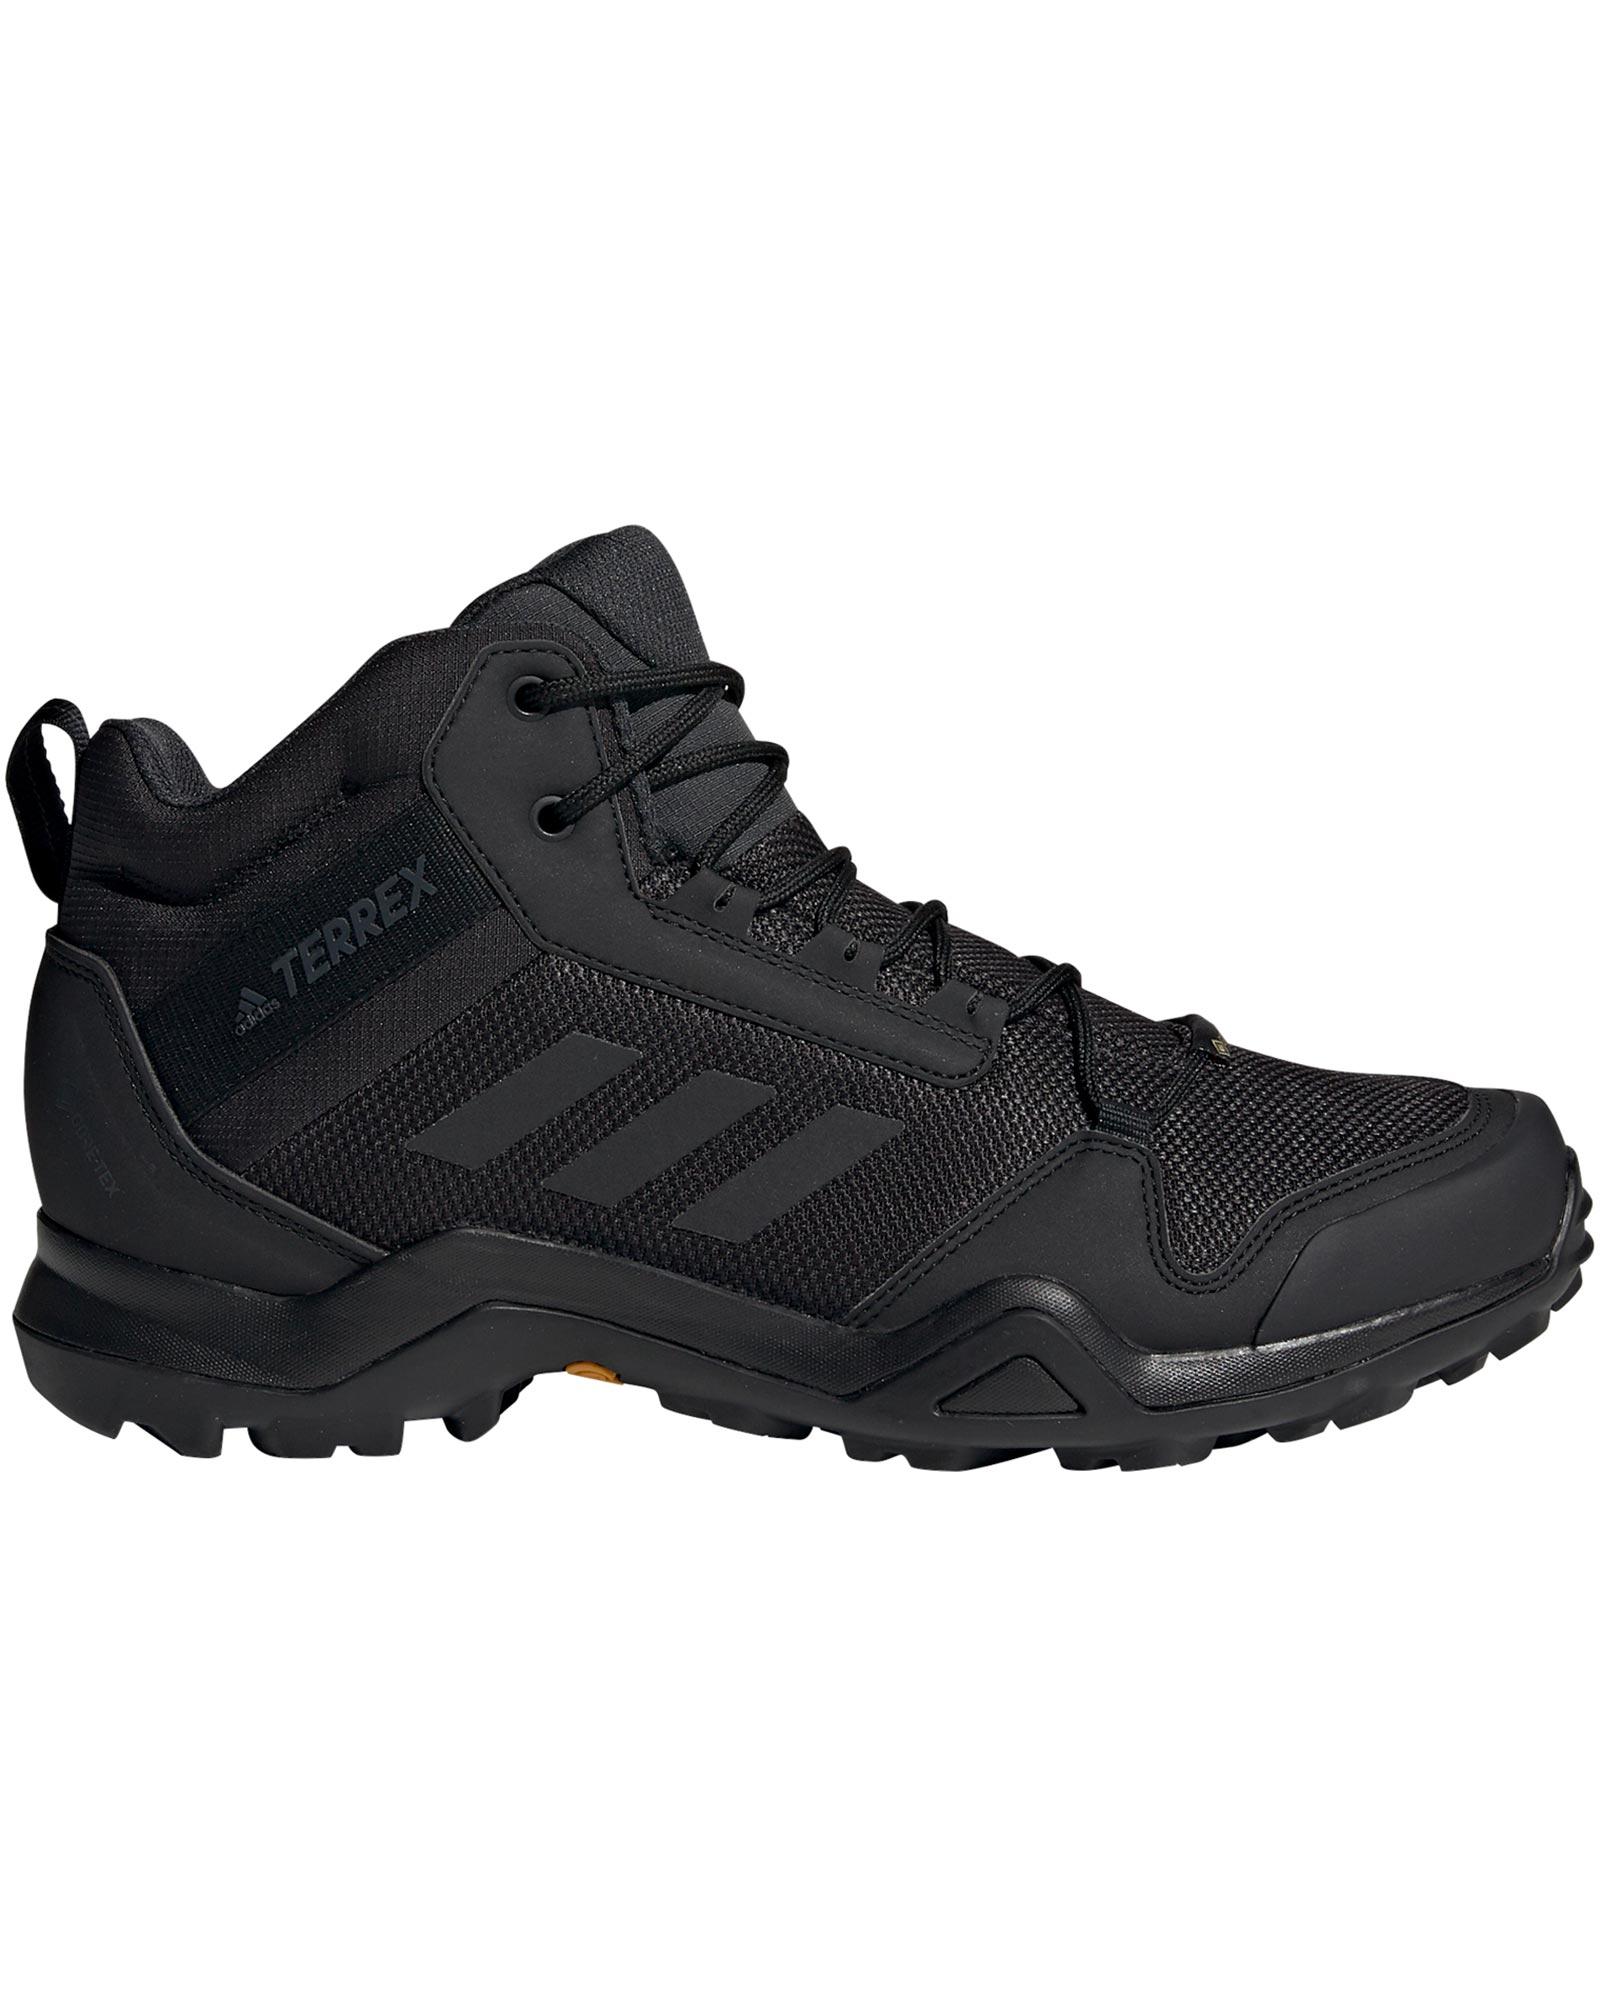 Trekking & Outdoor Adidas Terrex Terrex AX3 Mid GORe-TeX Men's Boots